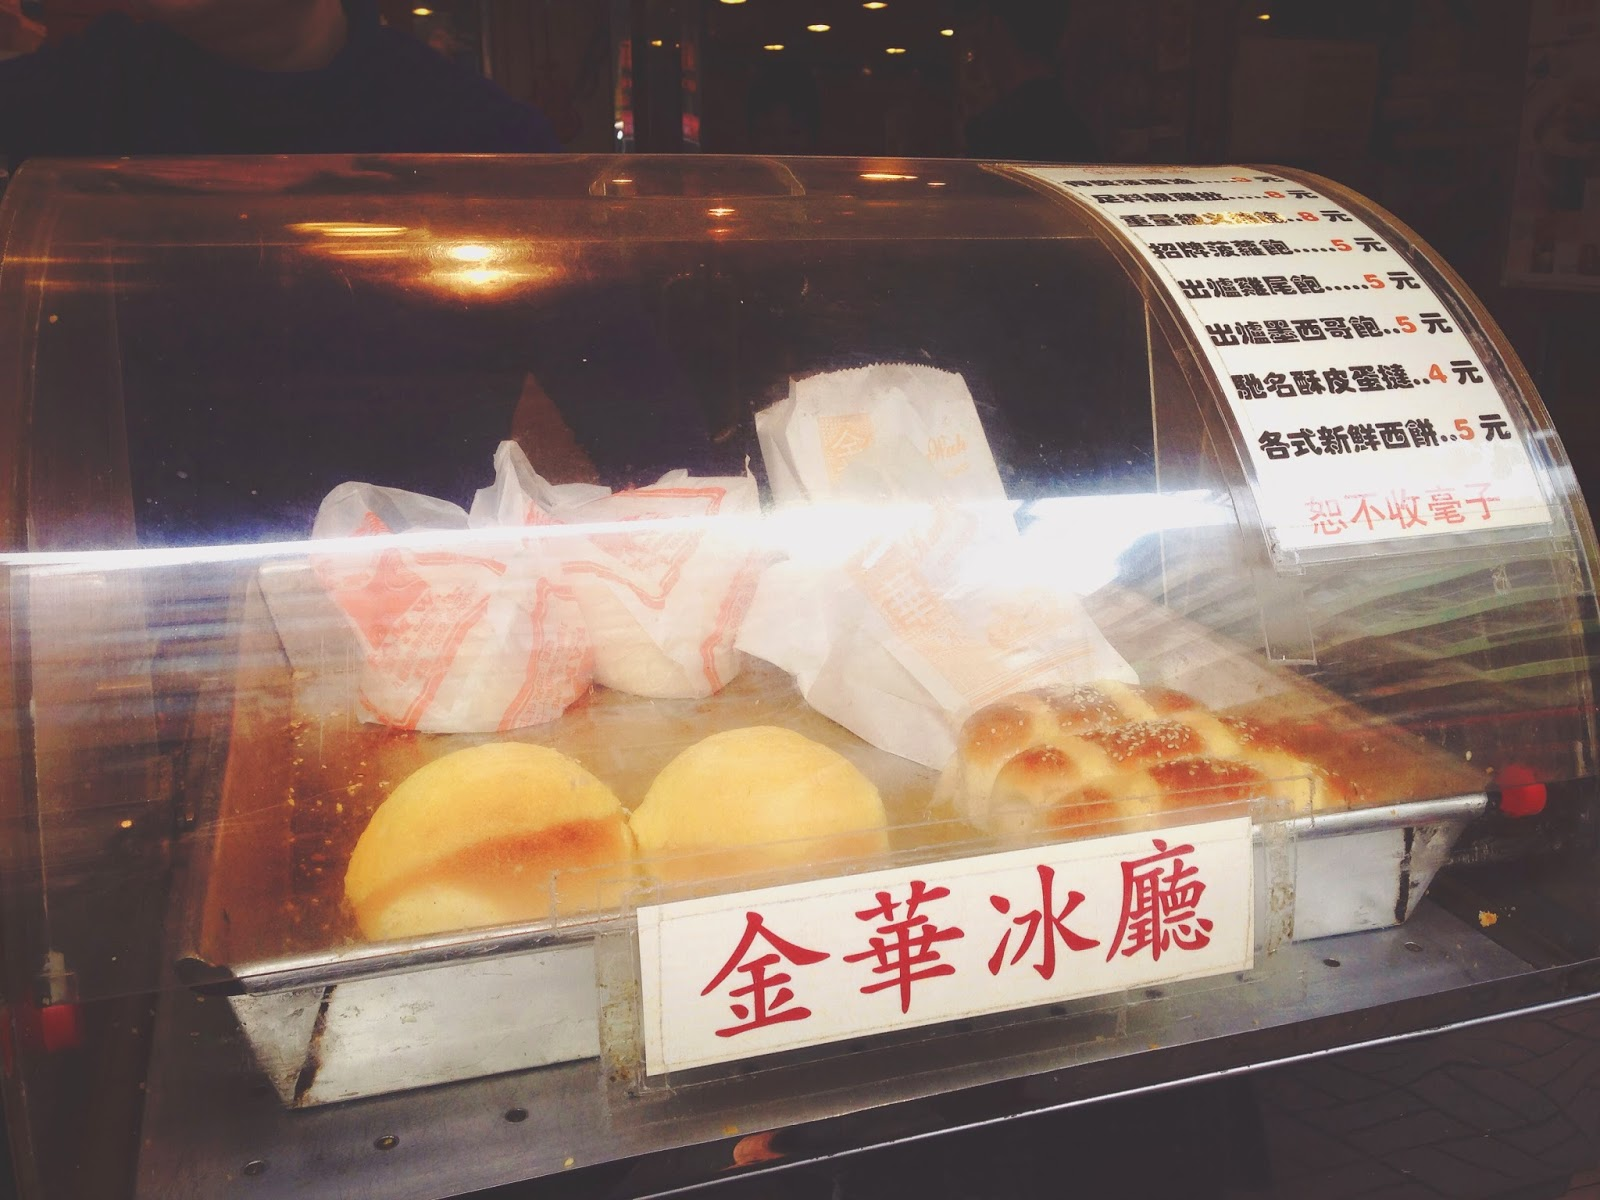 Kum Wah Cafe Hong Kong Polo Bun